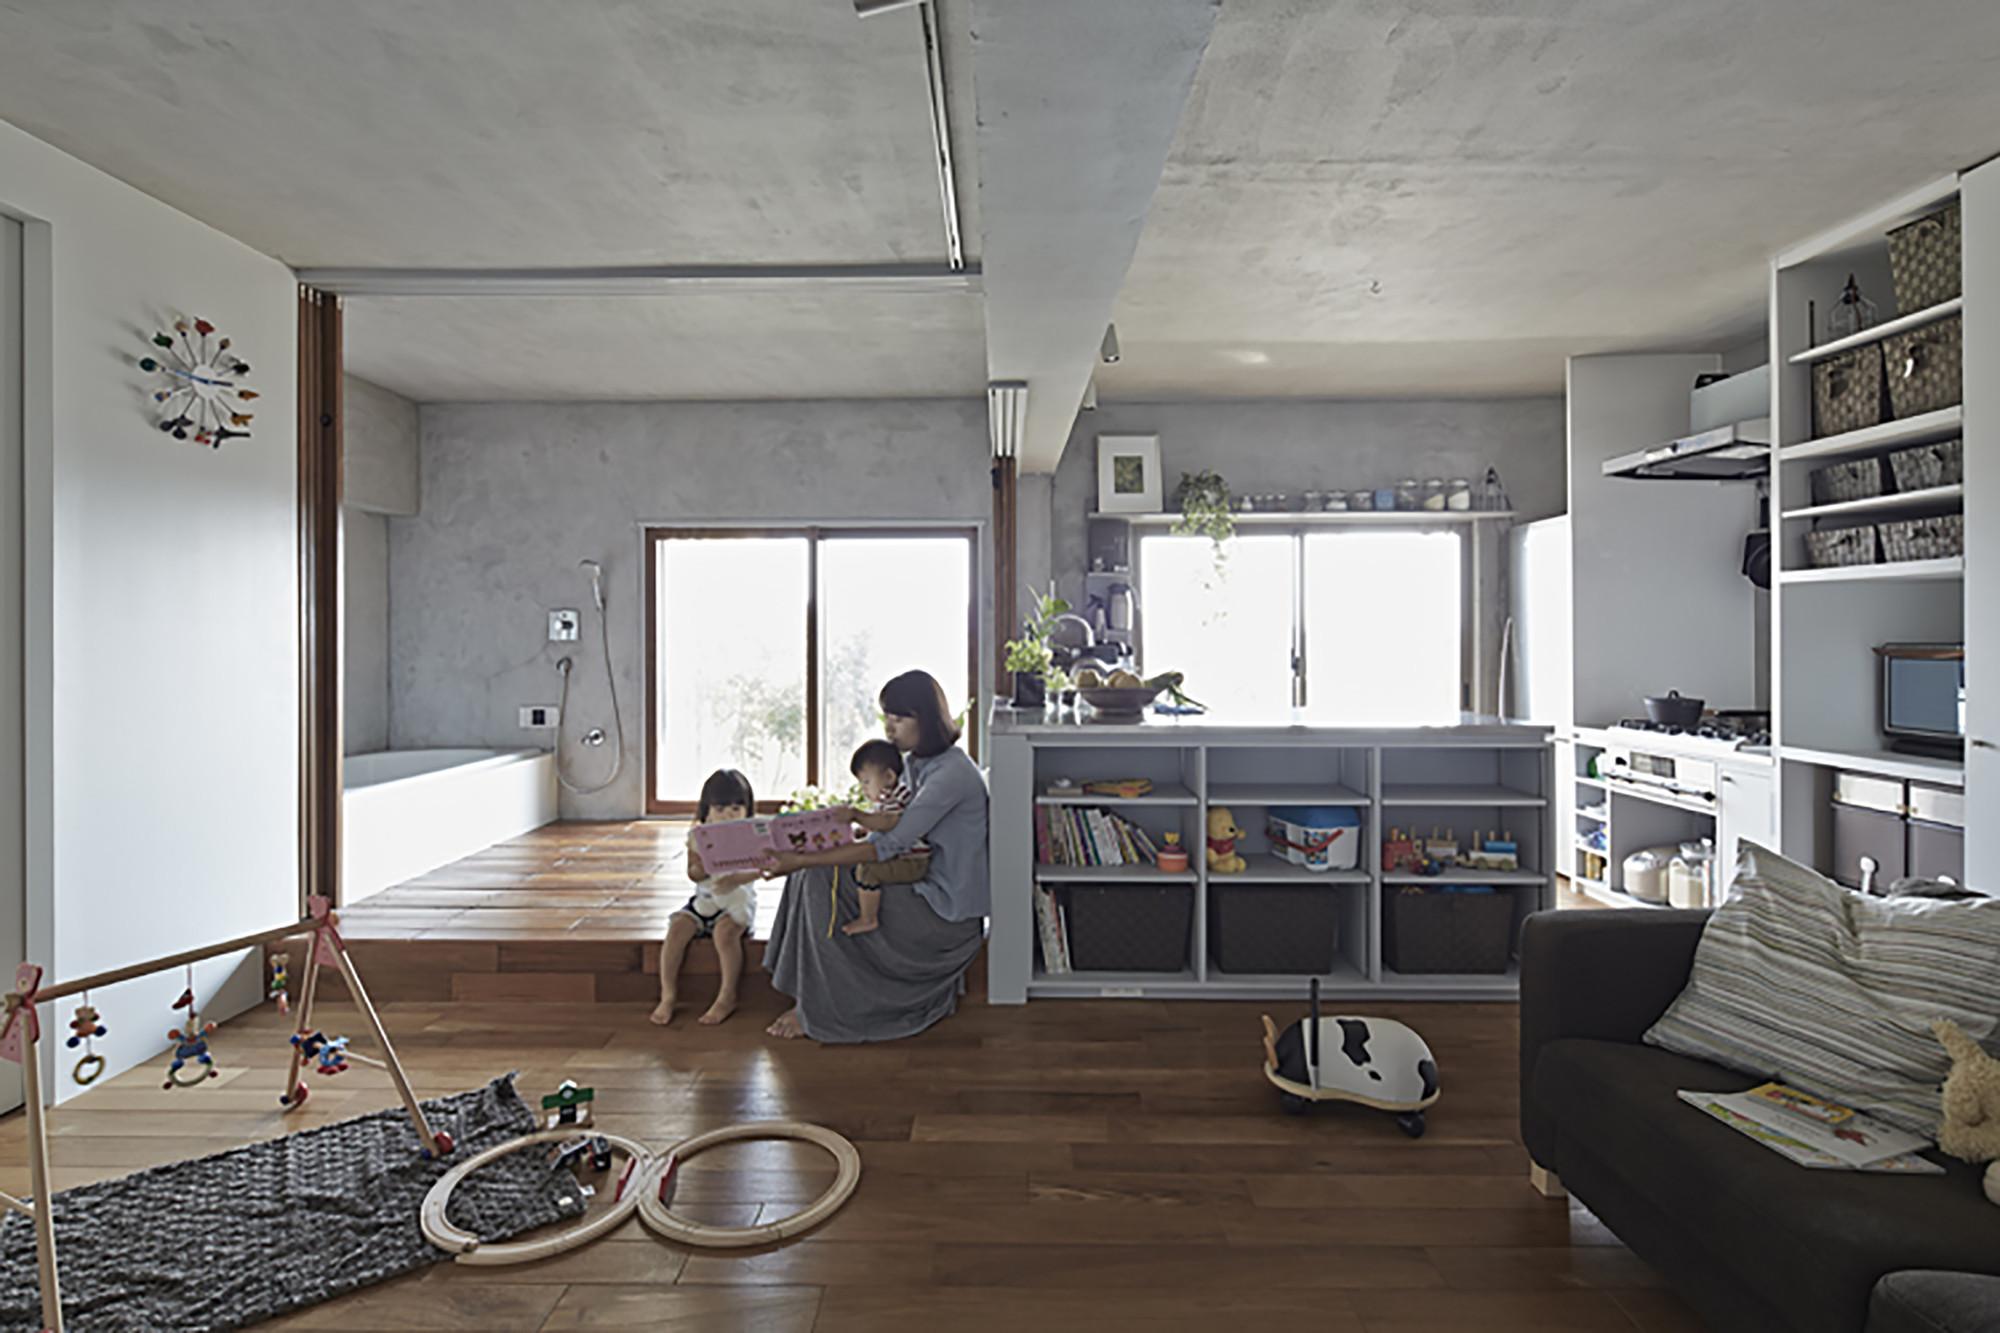 Bath Kitchen House / Takeshi Shikauchi, © Koichi Torimura